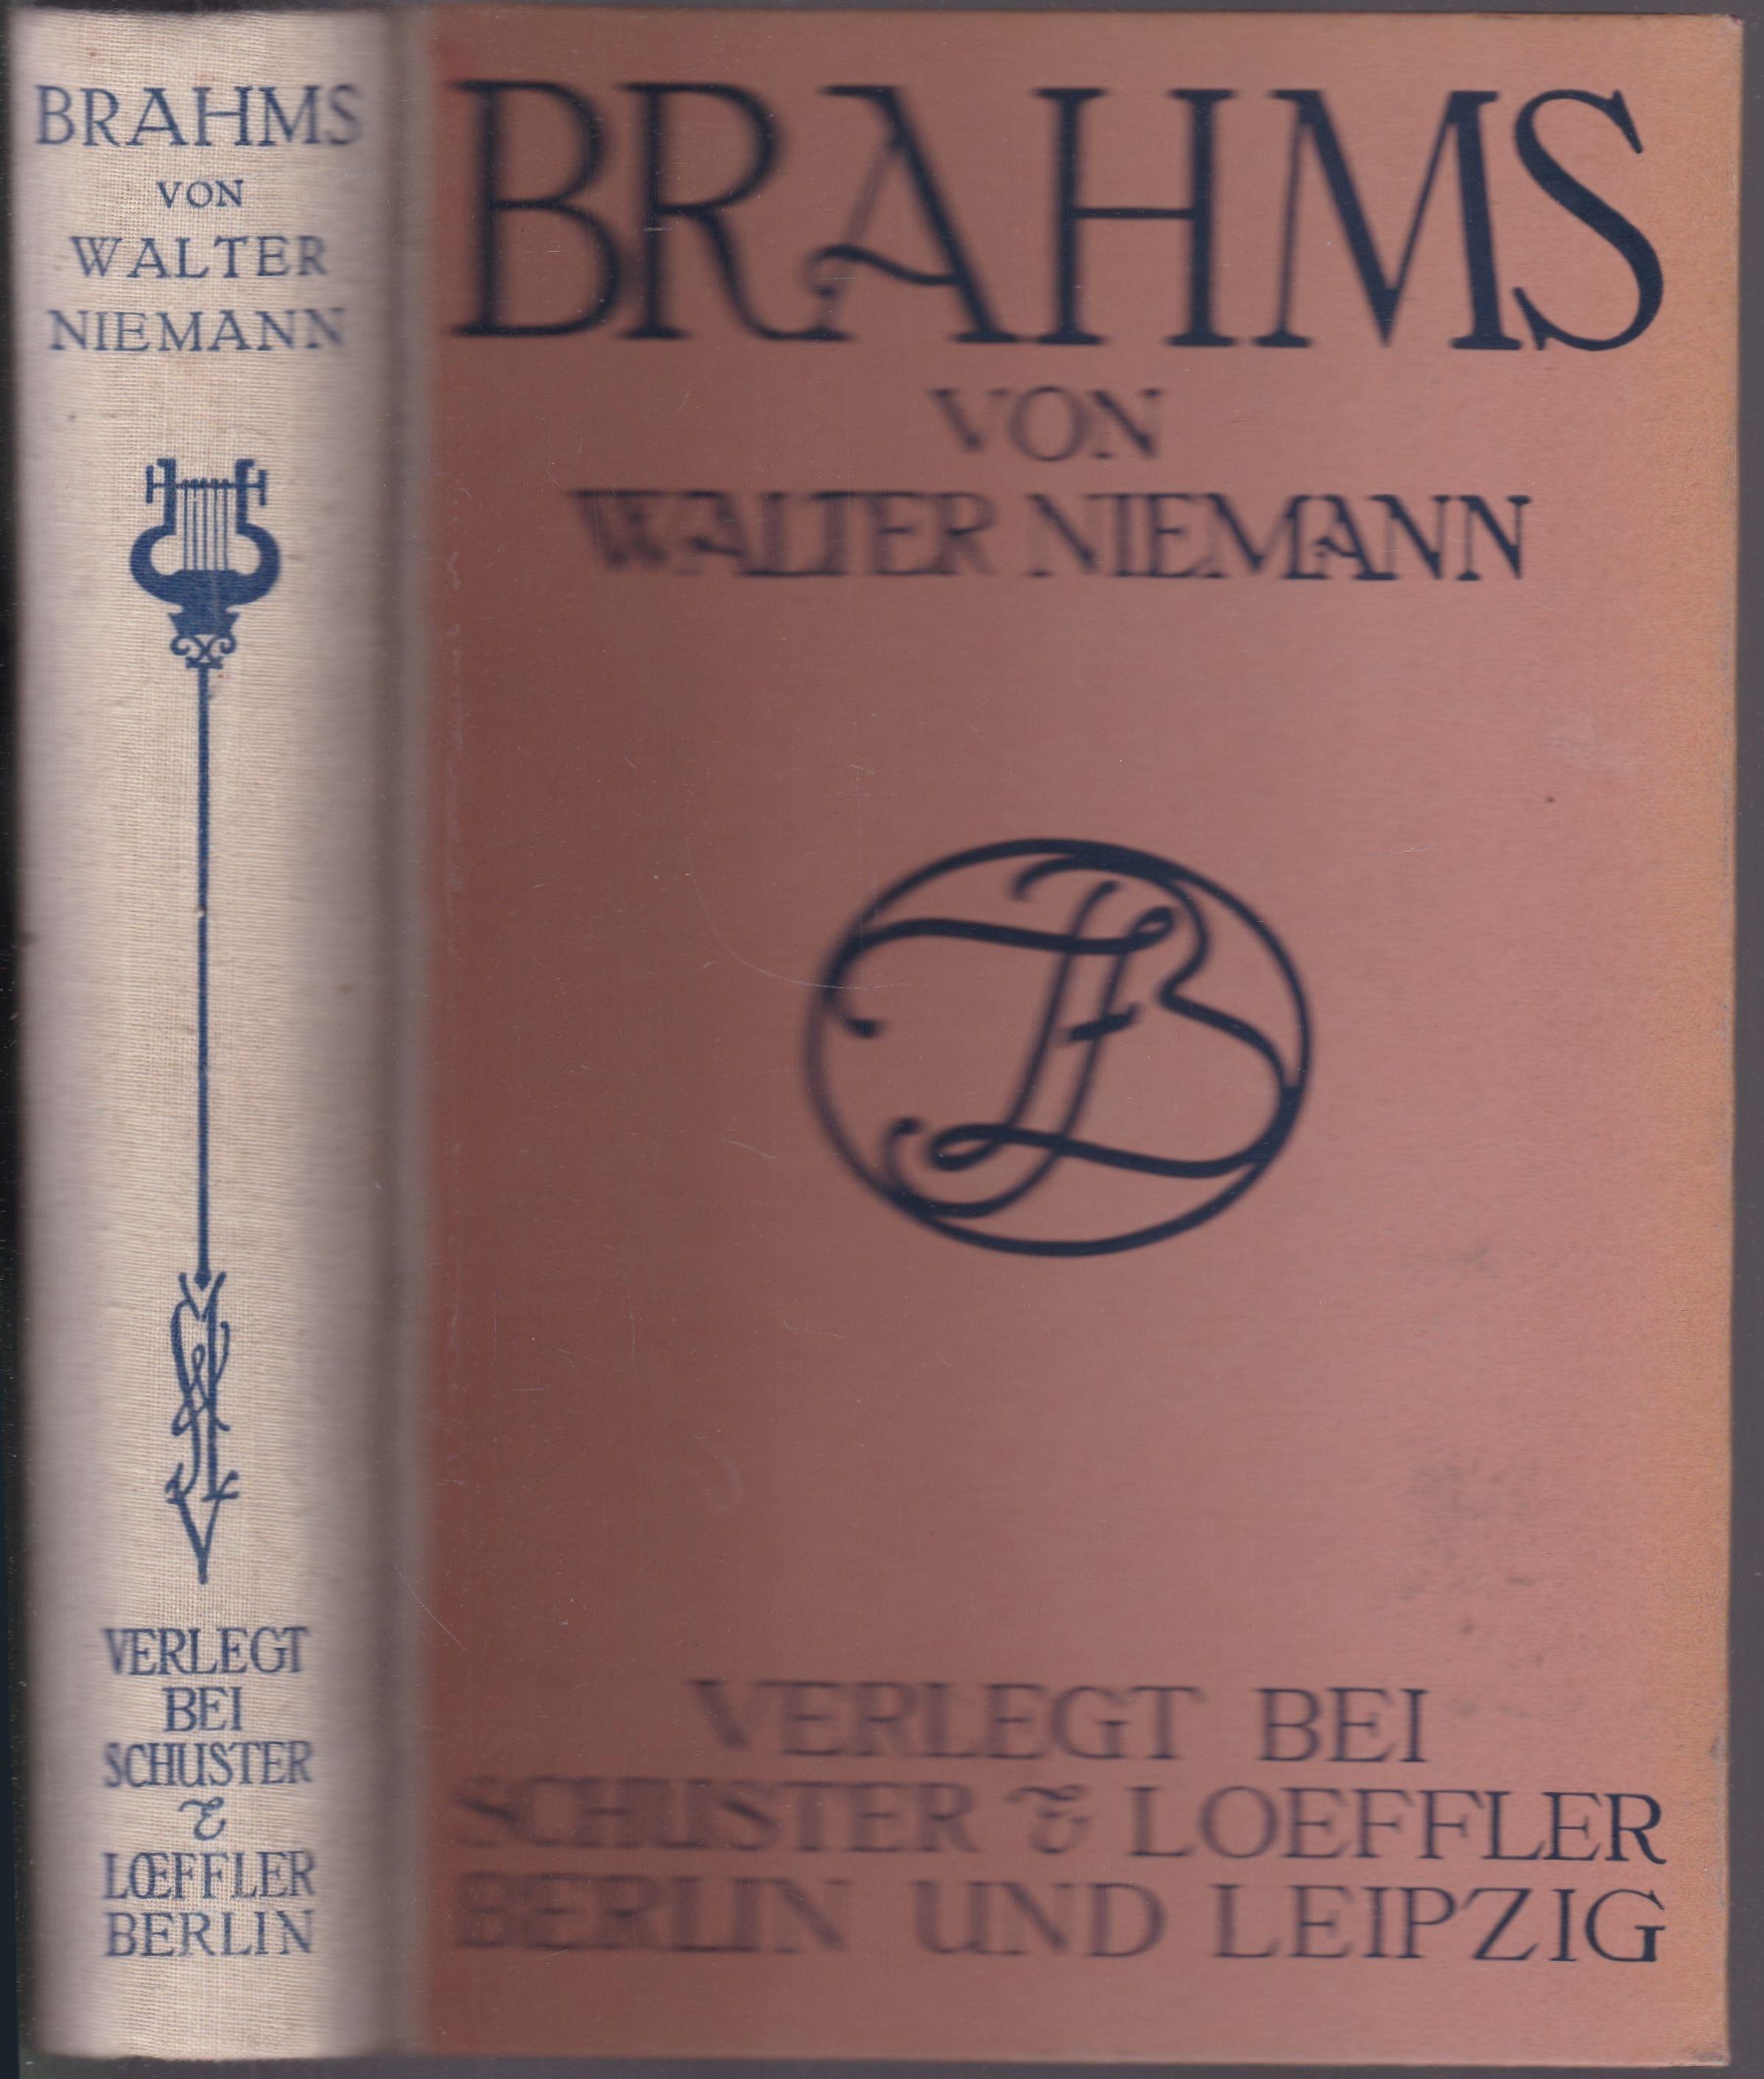 Brahms: Niemann, Walter